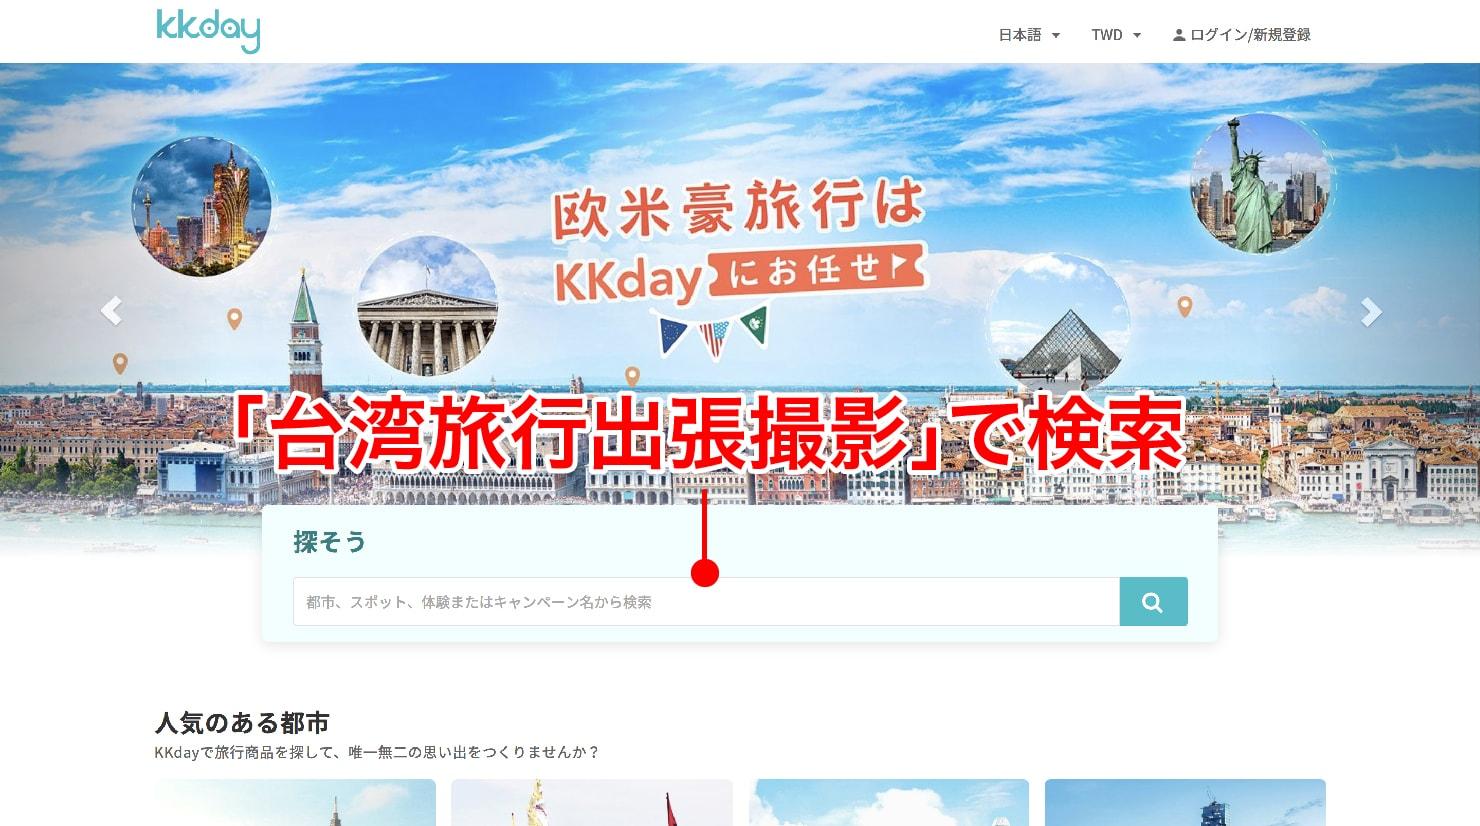 KKday台湾旅行・出張撮影サービスの予約画面16